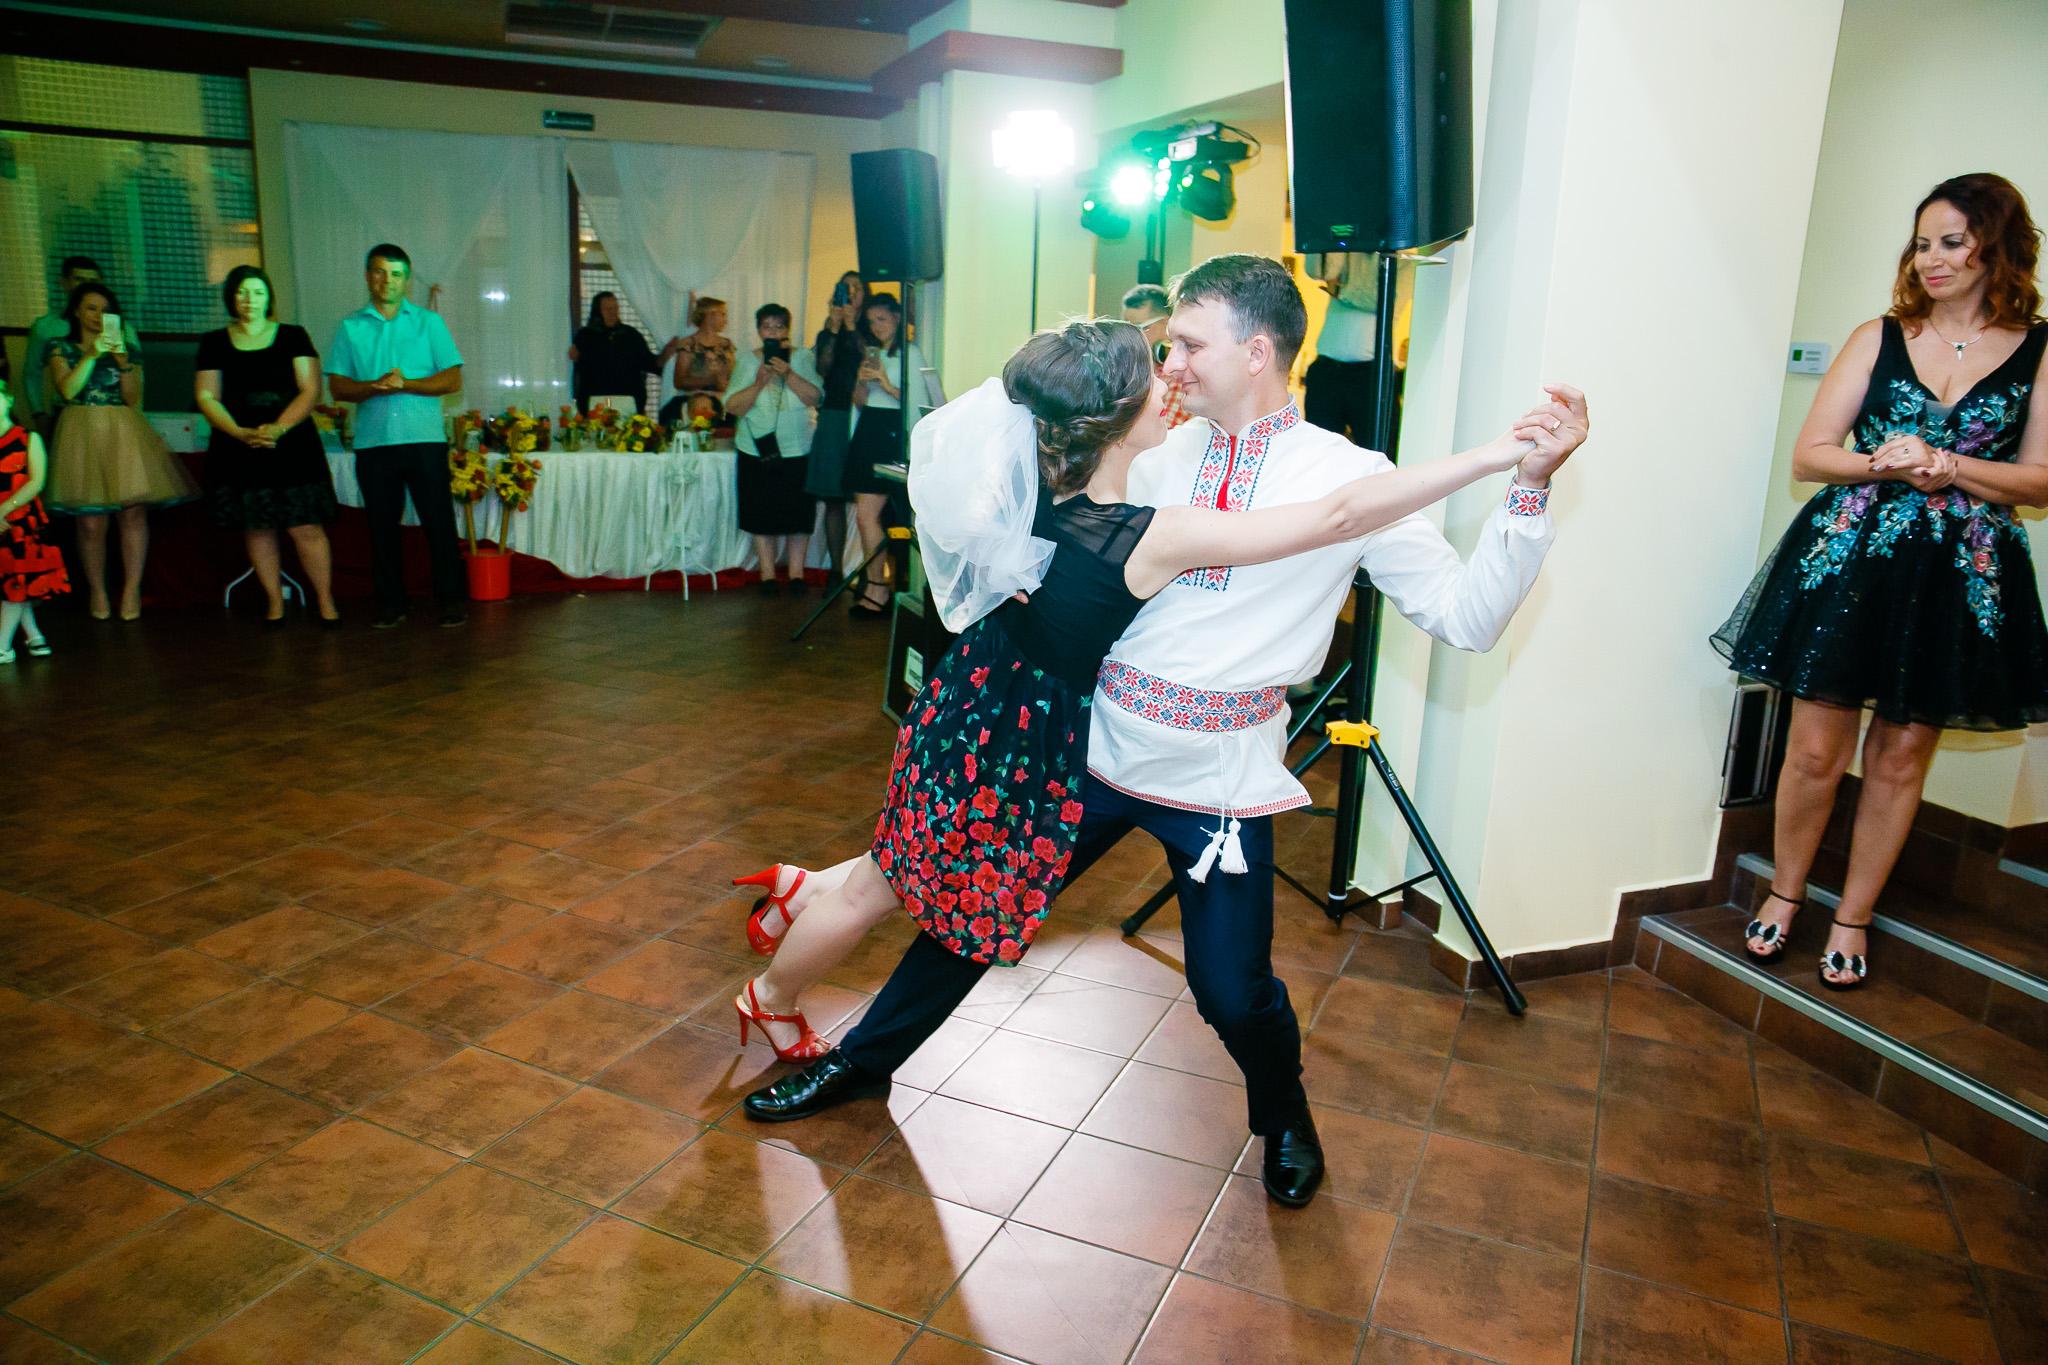 Nuntă tradițională Elisabeta și Alexandru fotograf profesionist nunta Iasi www.paulpadurariu.ro © 2018 Paul Padurariu fotograf de nunta Iasi moment artistic miri 2